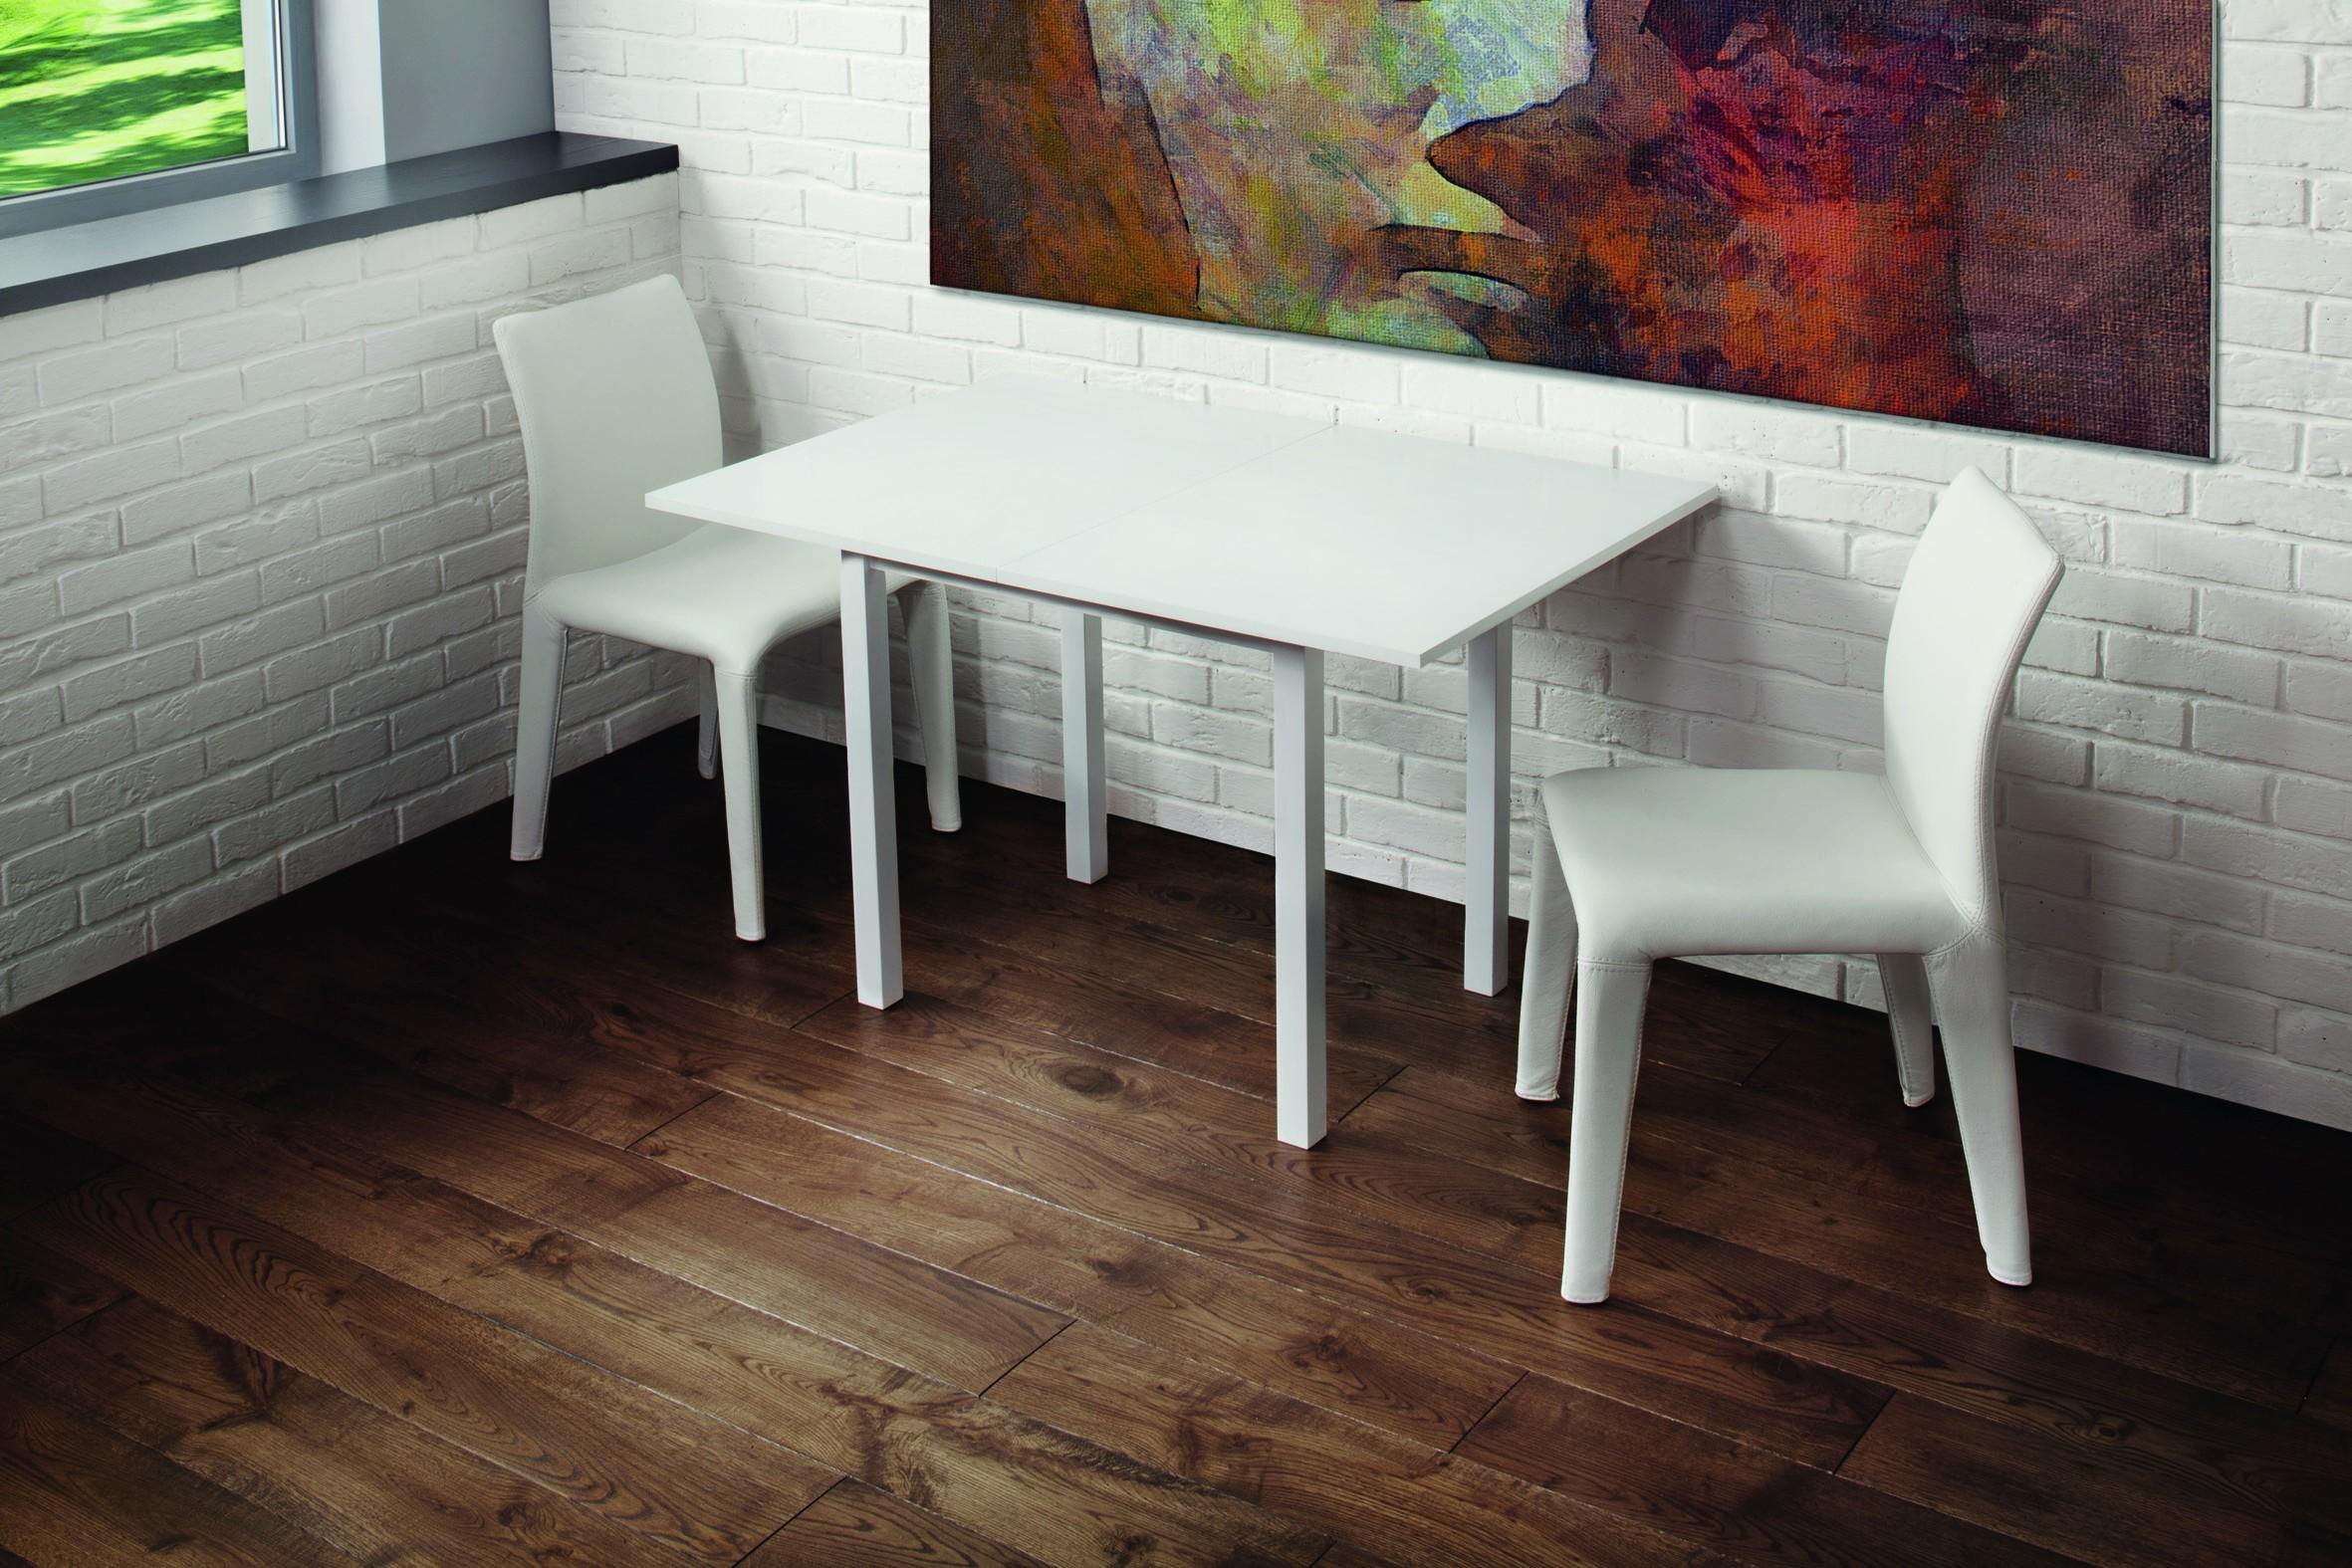 Mesa cocina conforama6 revista muebles mobiliario de for Mesas cocina conforama